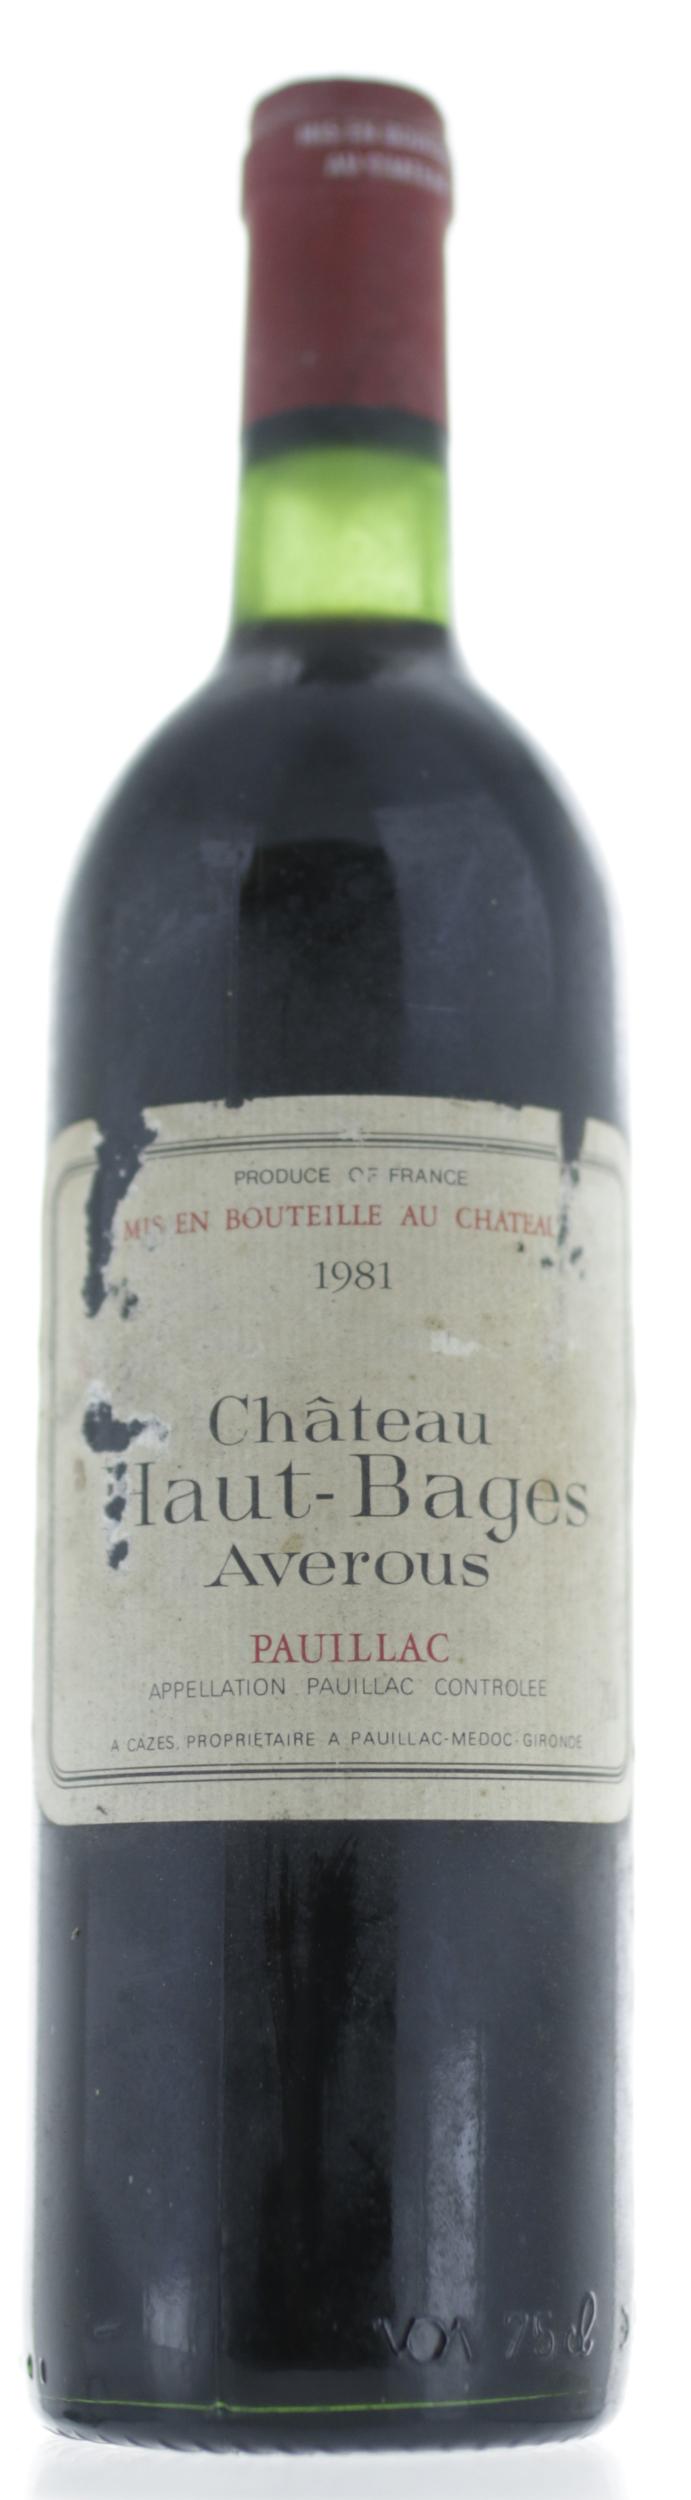 Pauillac - Haut Bages Averous - 1981